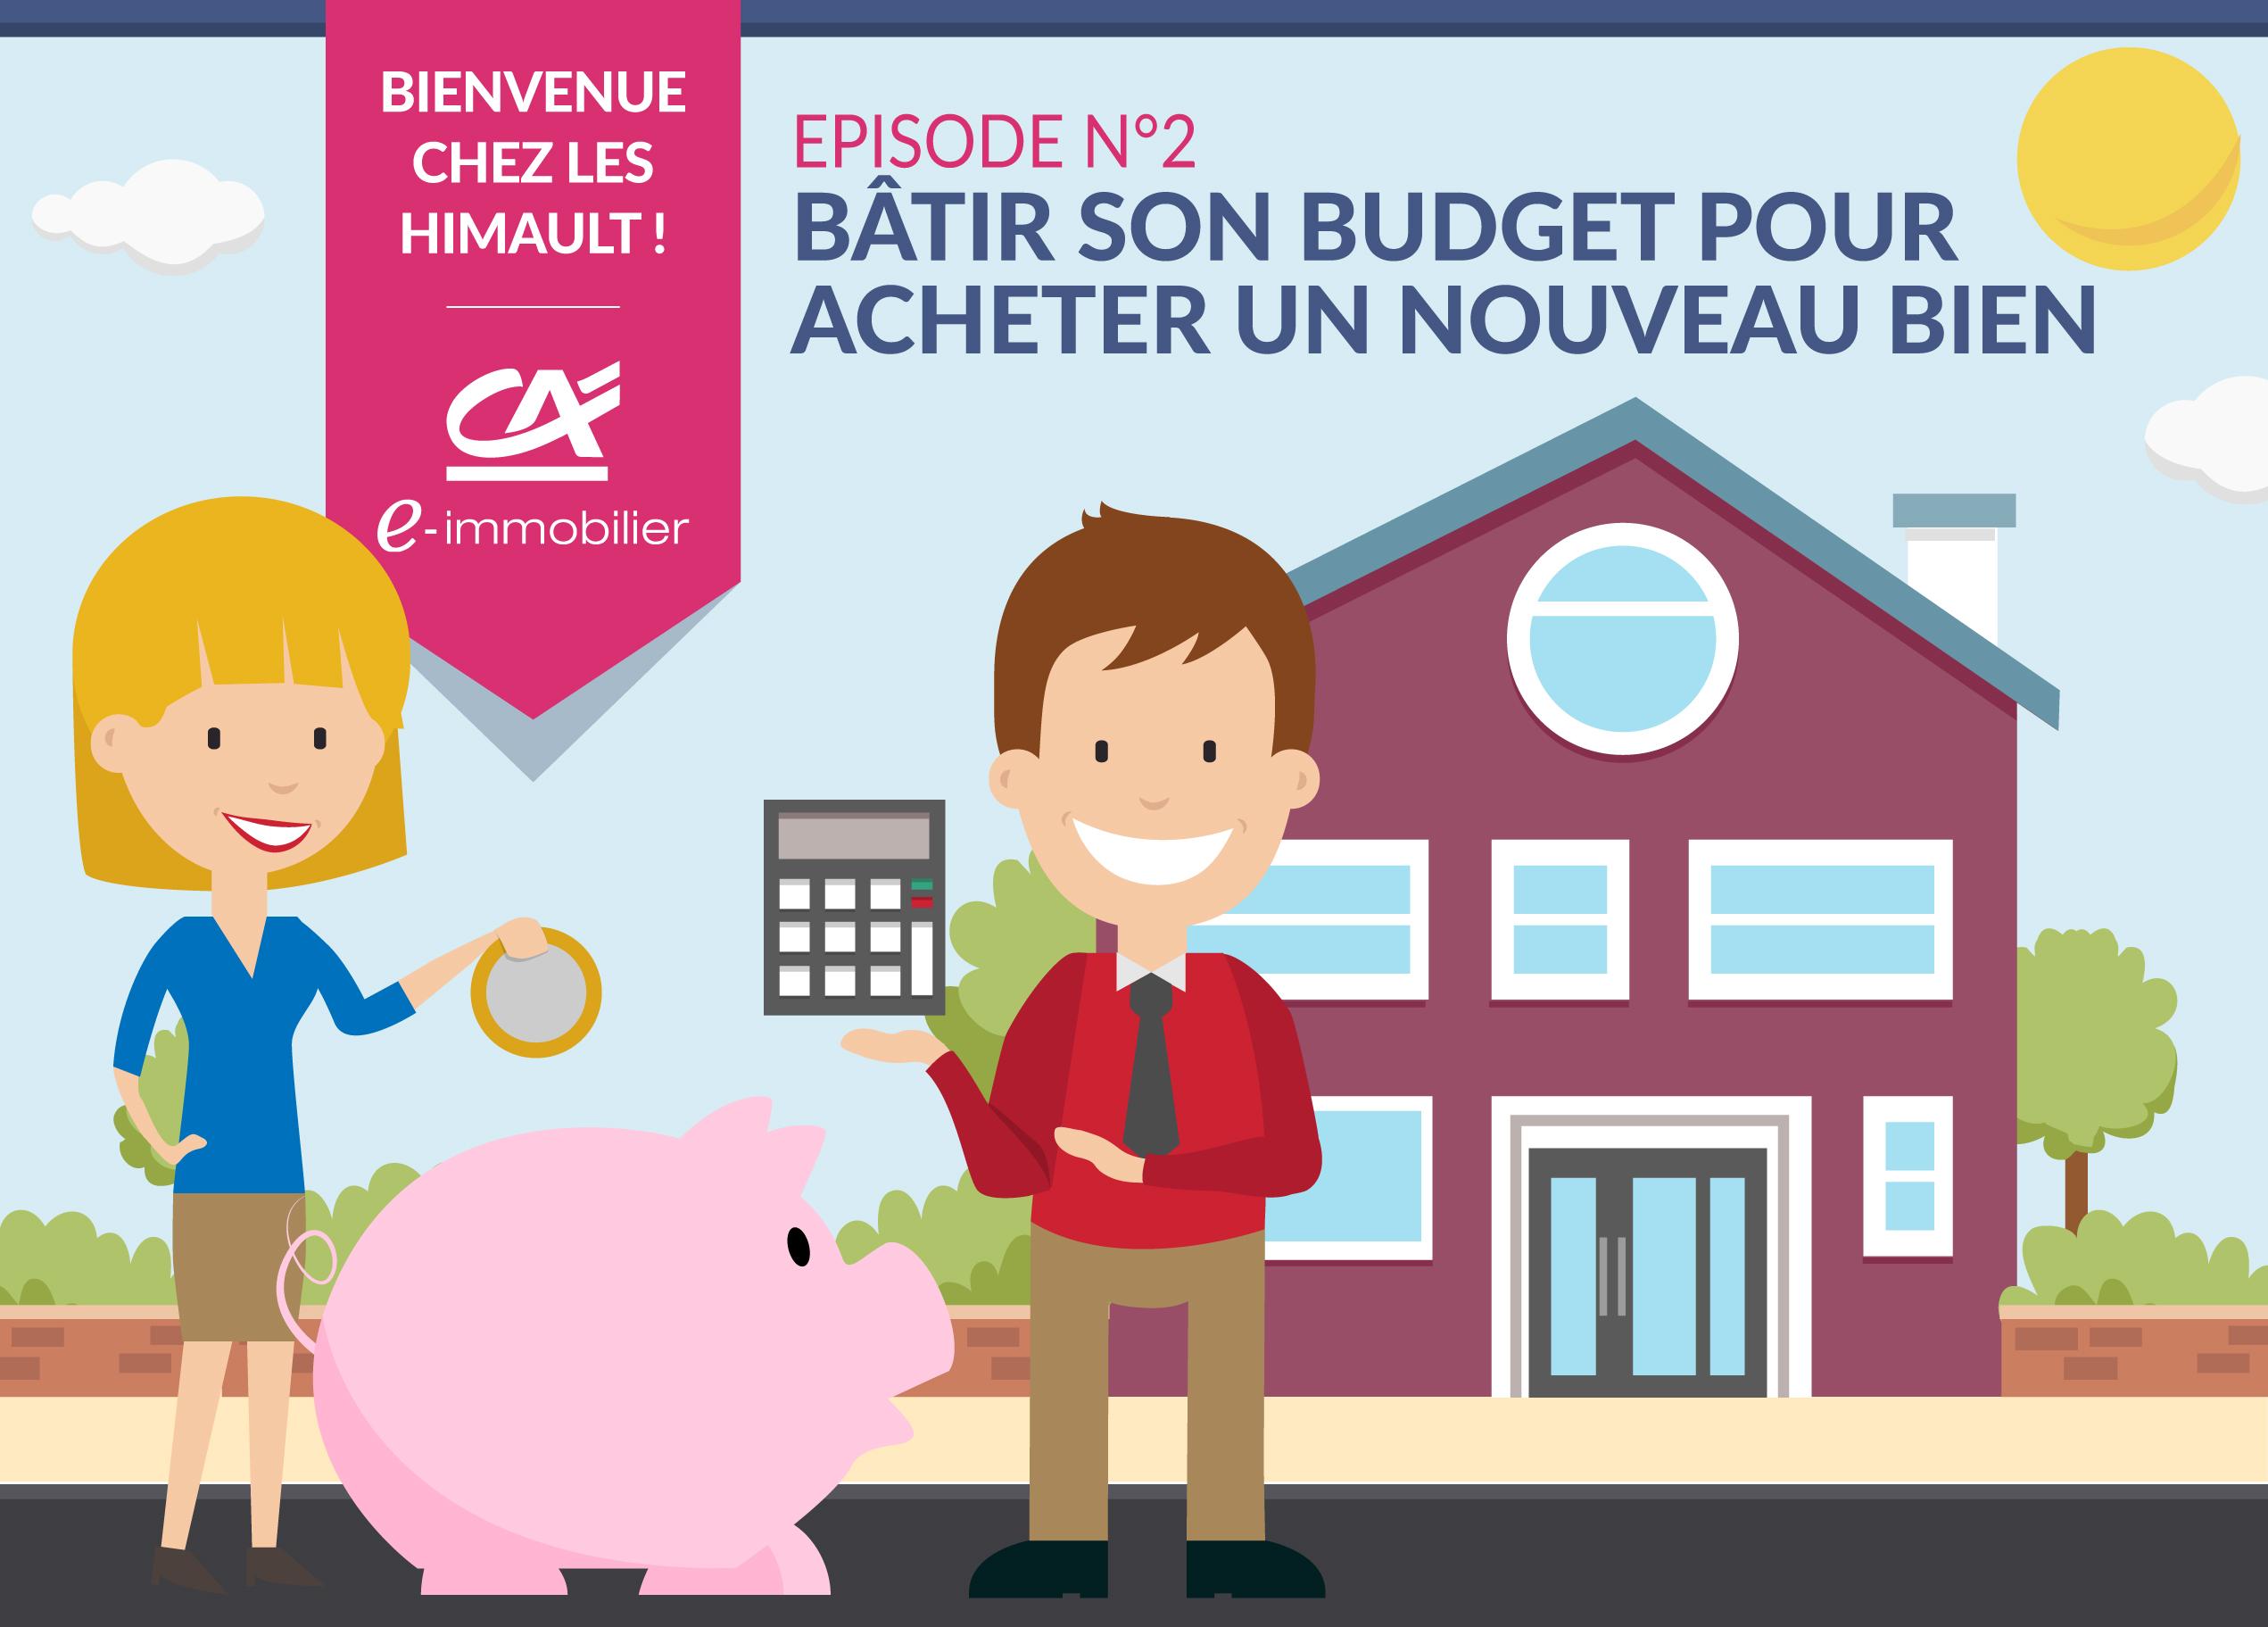 Bienvenue chez les Himault. Episode 2 : Bâtir son budget pour acheter un nouveau bien